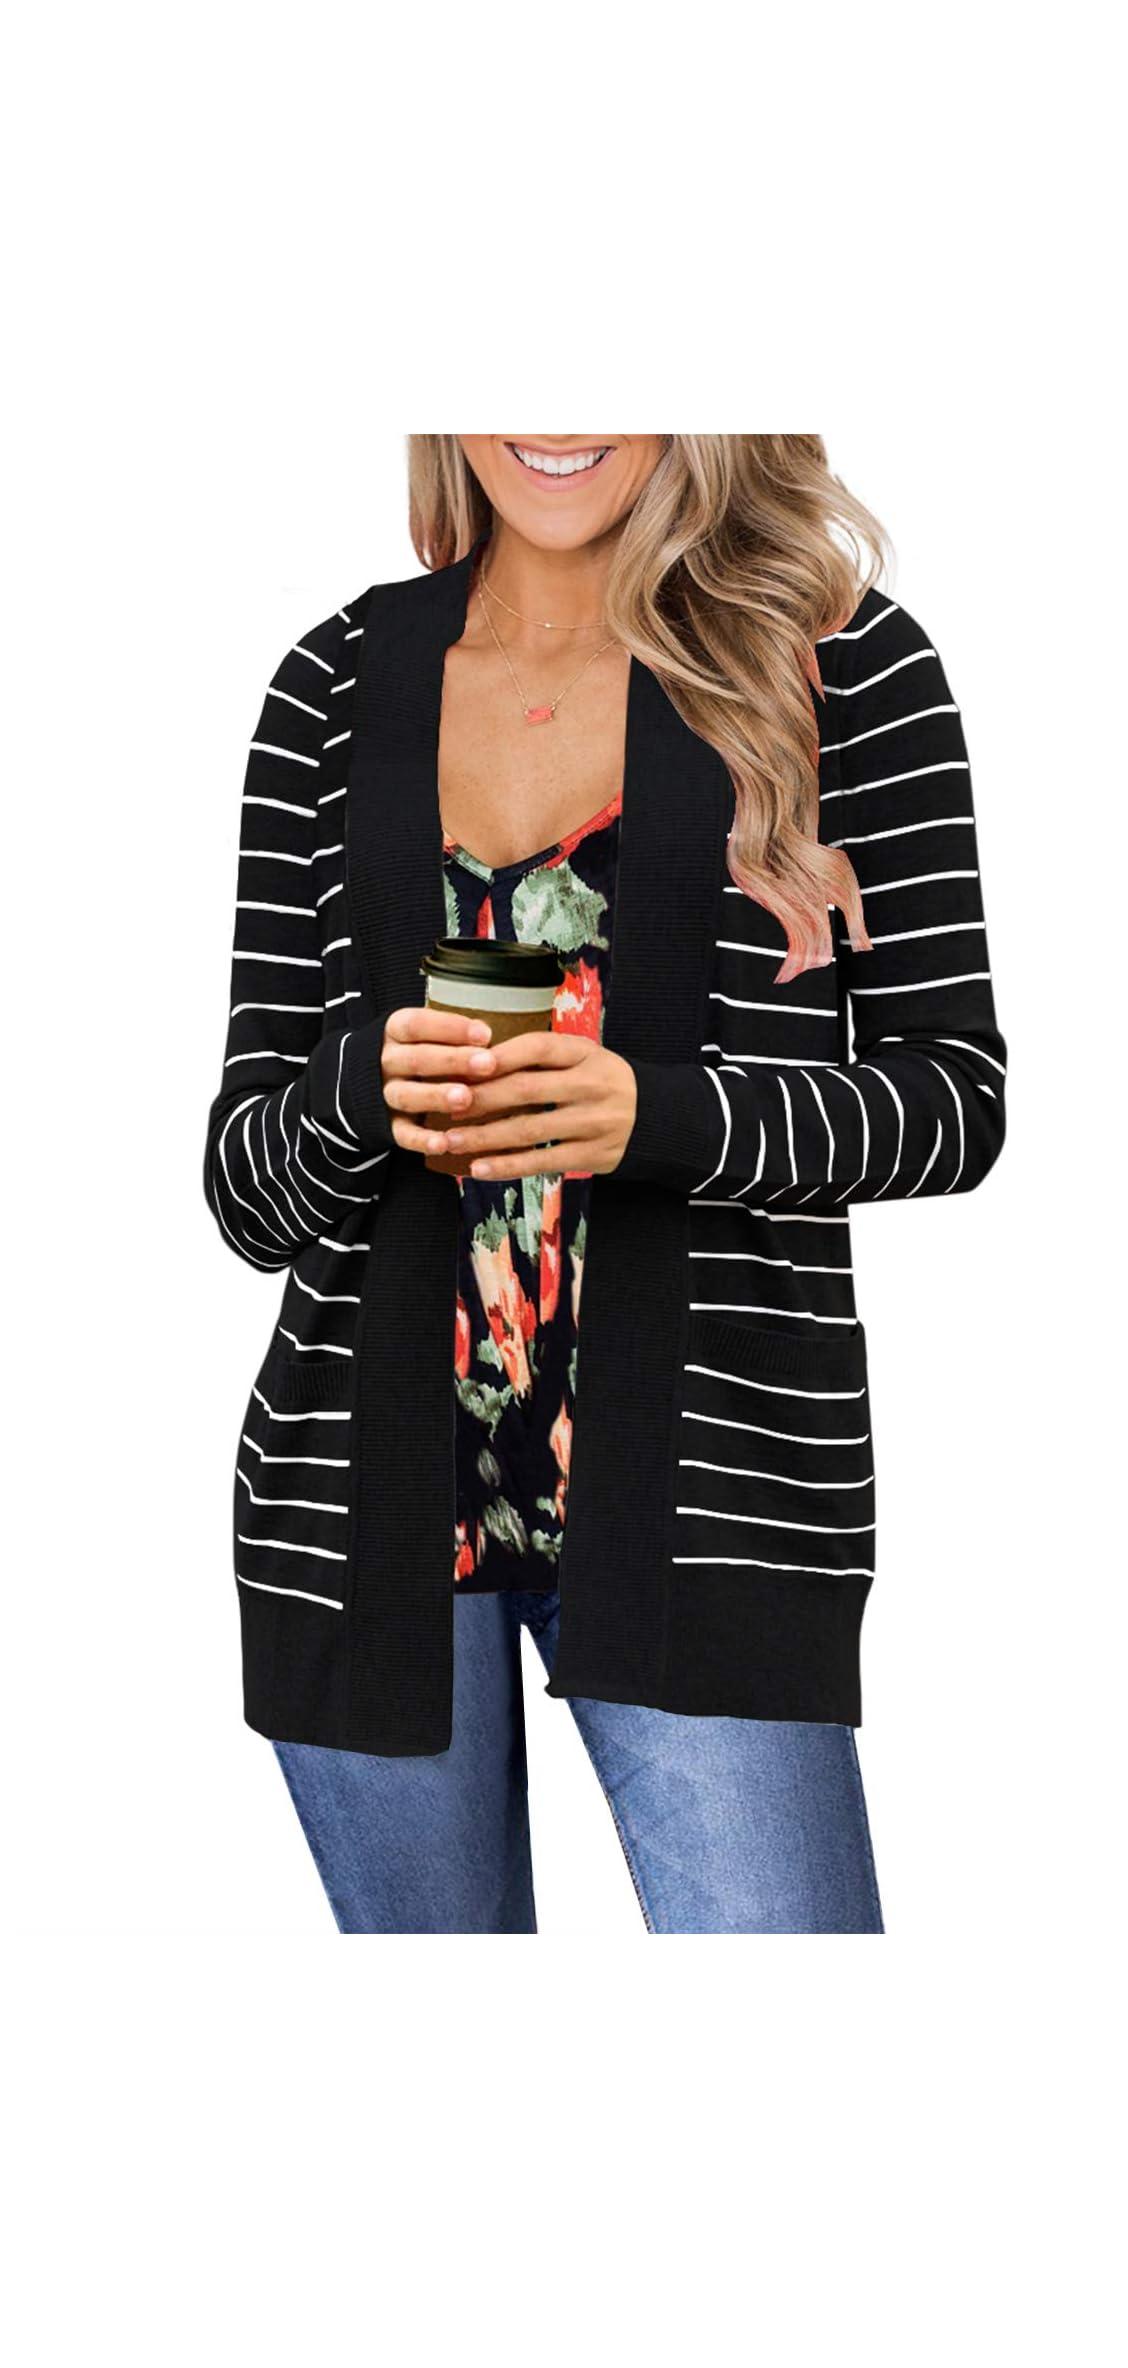 Women Open Front Striped Cardigans Sweater Long Sleeve